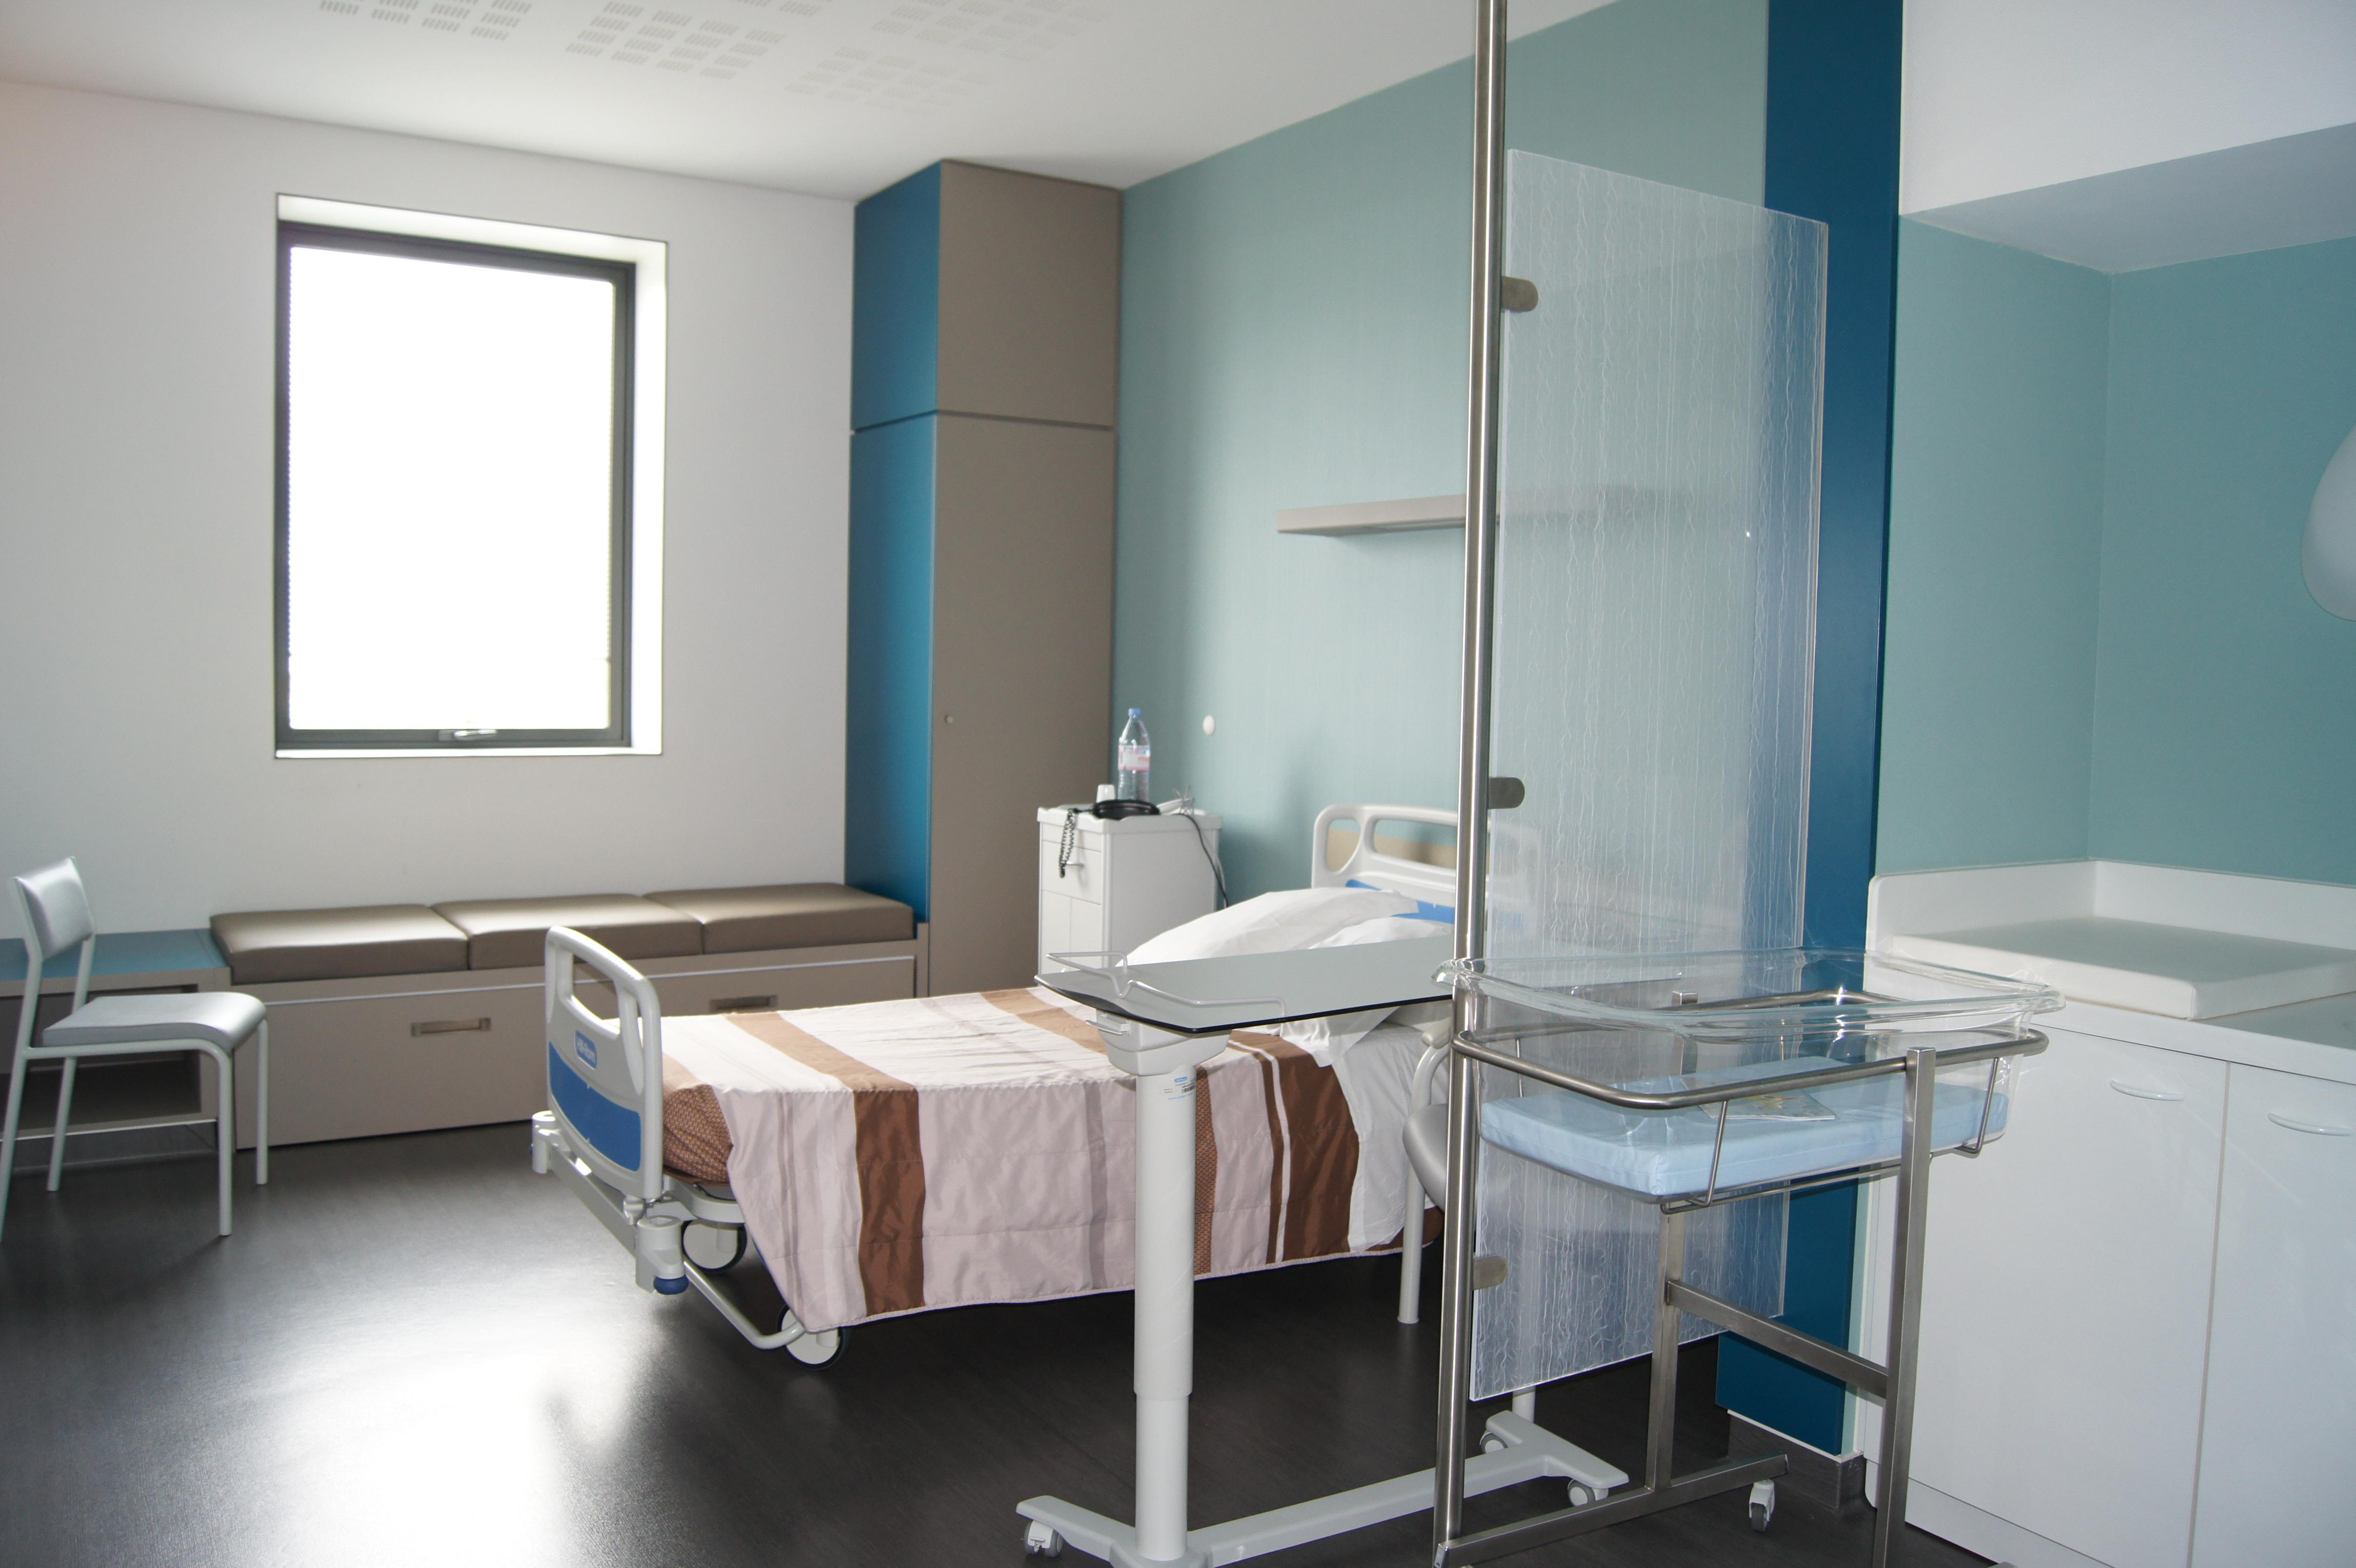 La Maternité En Images | Clinique Belharra concernant Docteur Chambres Bayonne